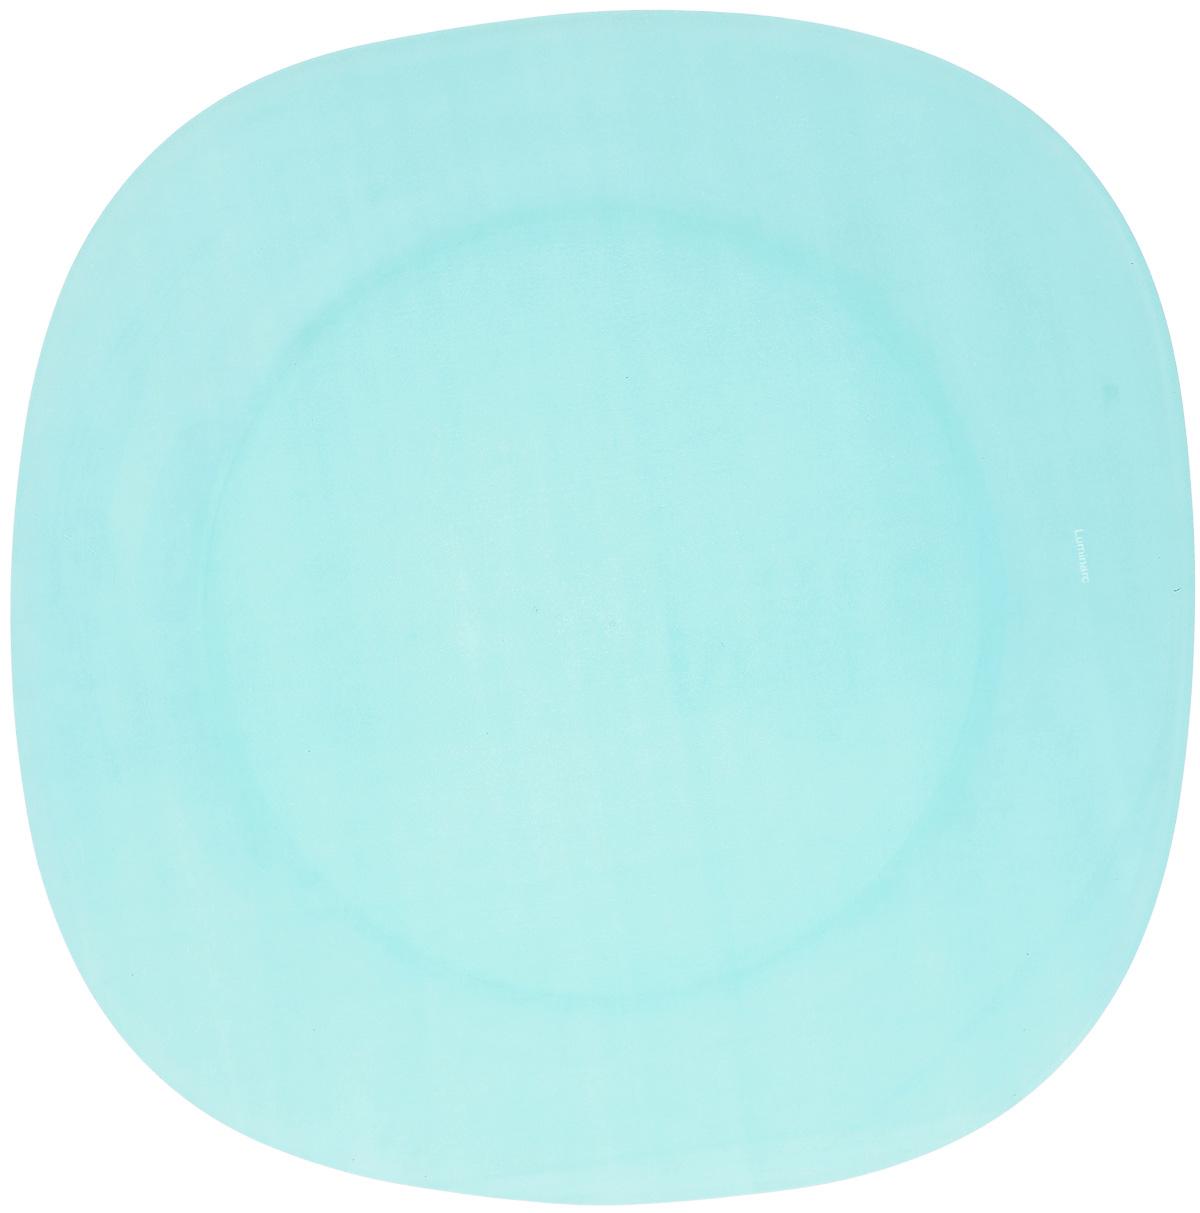 Тарелка обеденная Luminarc Colorama Blue, 25,5 х 25,5 см115510Обеденная тарелка Luminarc Colorama Blue, изготовленная из высококачественного стекла, имеет изысканный внешний вид. Яркий дизайн придется по вкусу и ценителям классики, и тем, кто предпочитает утонченность. Тарелка Luminarc Colorama Blue идеально подойдет для сервировки вторых блюд из птицы, рыбы, мяса или овощей, а также станет отличным подарком к любому празднику.Размер тарелки (по верхнему краю): 25,5 х 25,5 см.